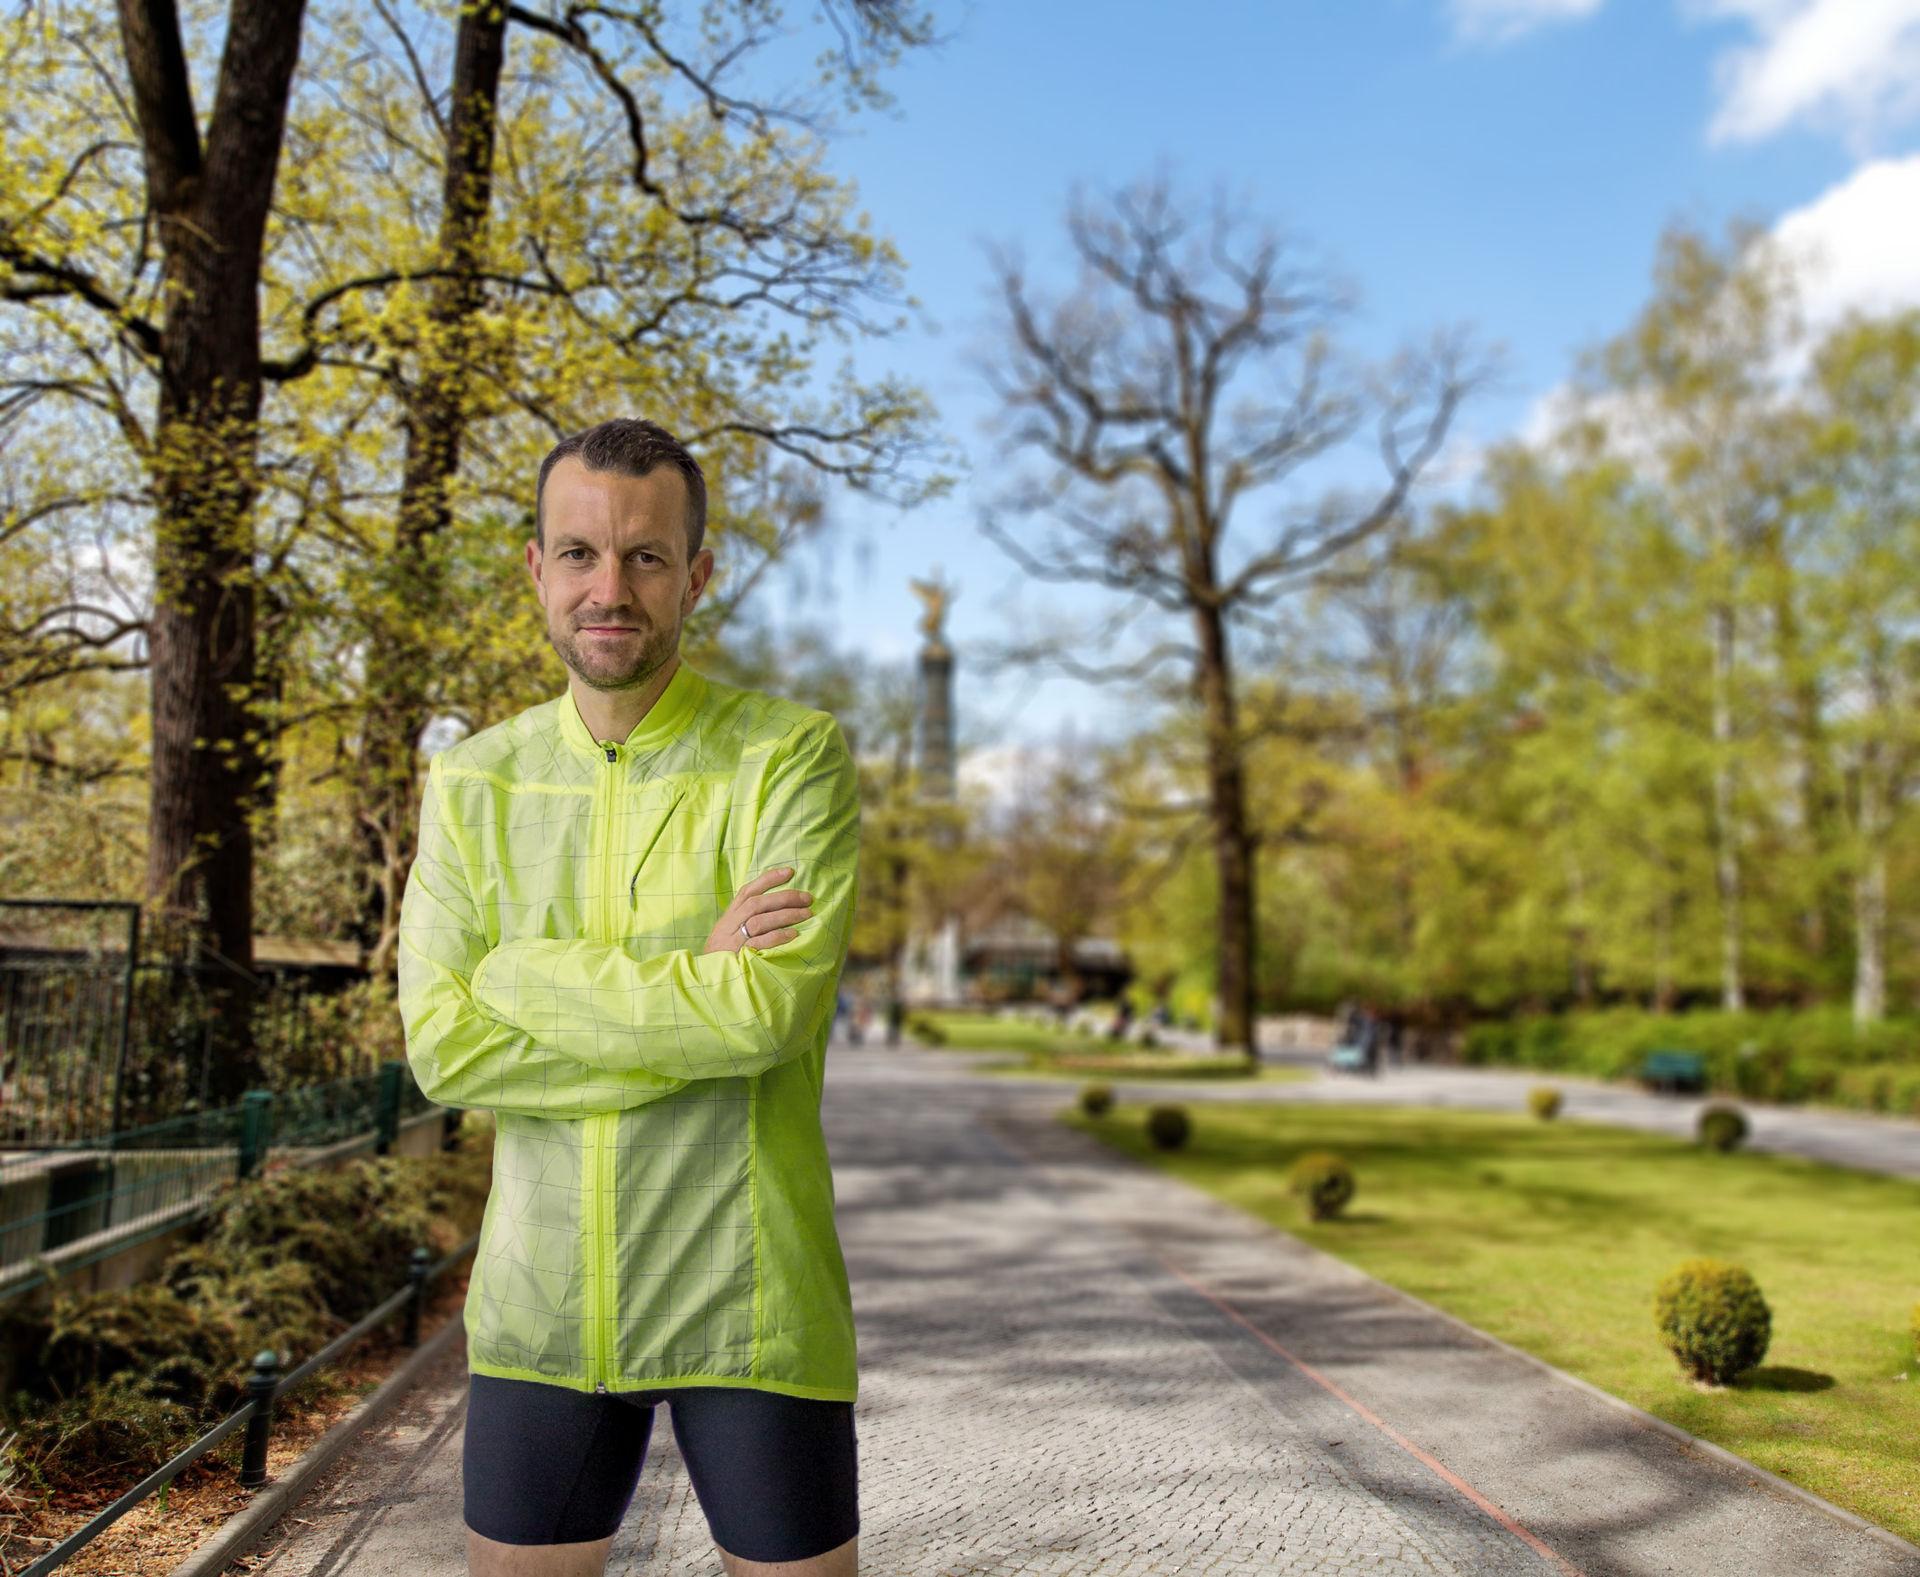 """""""Big 6"""" Zielgerade für Jan-Patrick Krüger in Fernost – am 26.02. tritt der """"schnellste GM Deutschlands"""" beim Tokyo Marathon an, um die """"World Marathon Majors Serie"""" zu vollenden"""